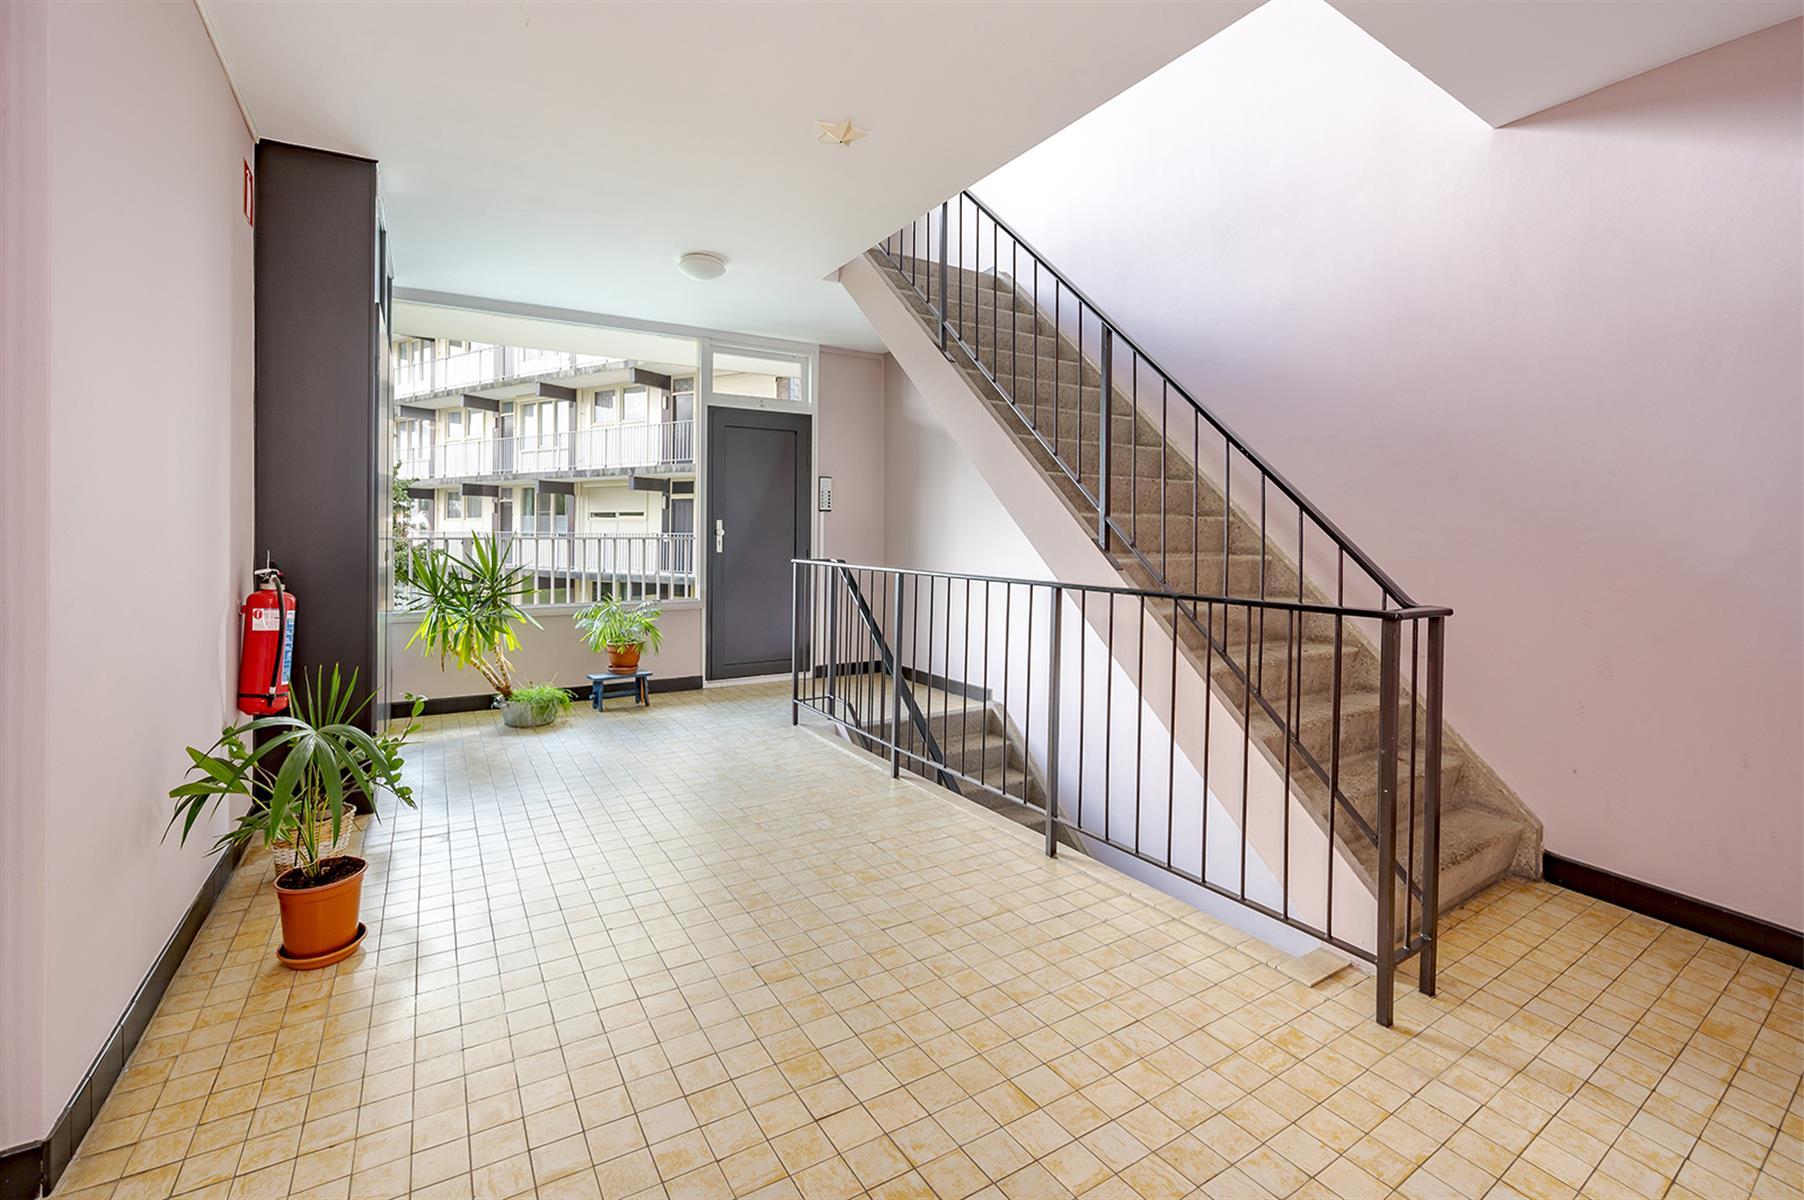 Appartement - Seraing Boncelles - #3858568-15